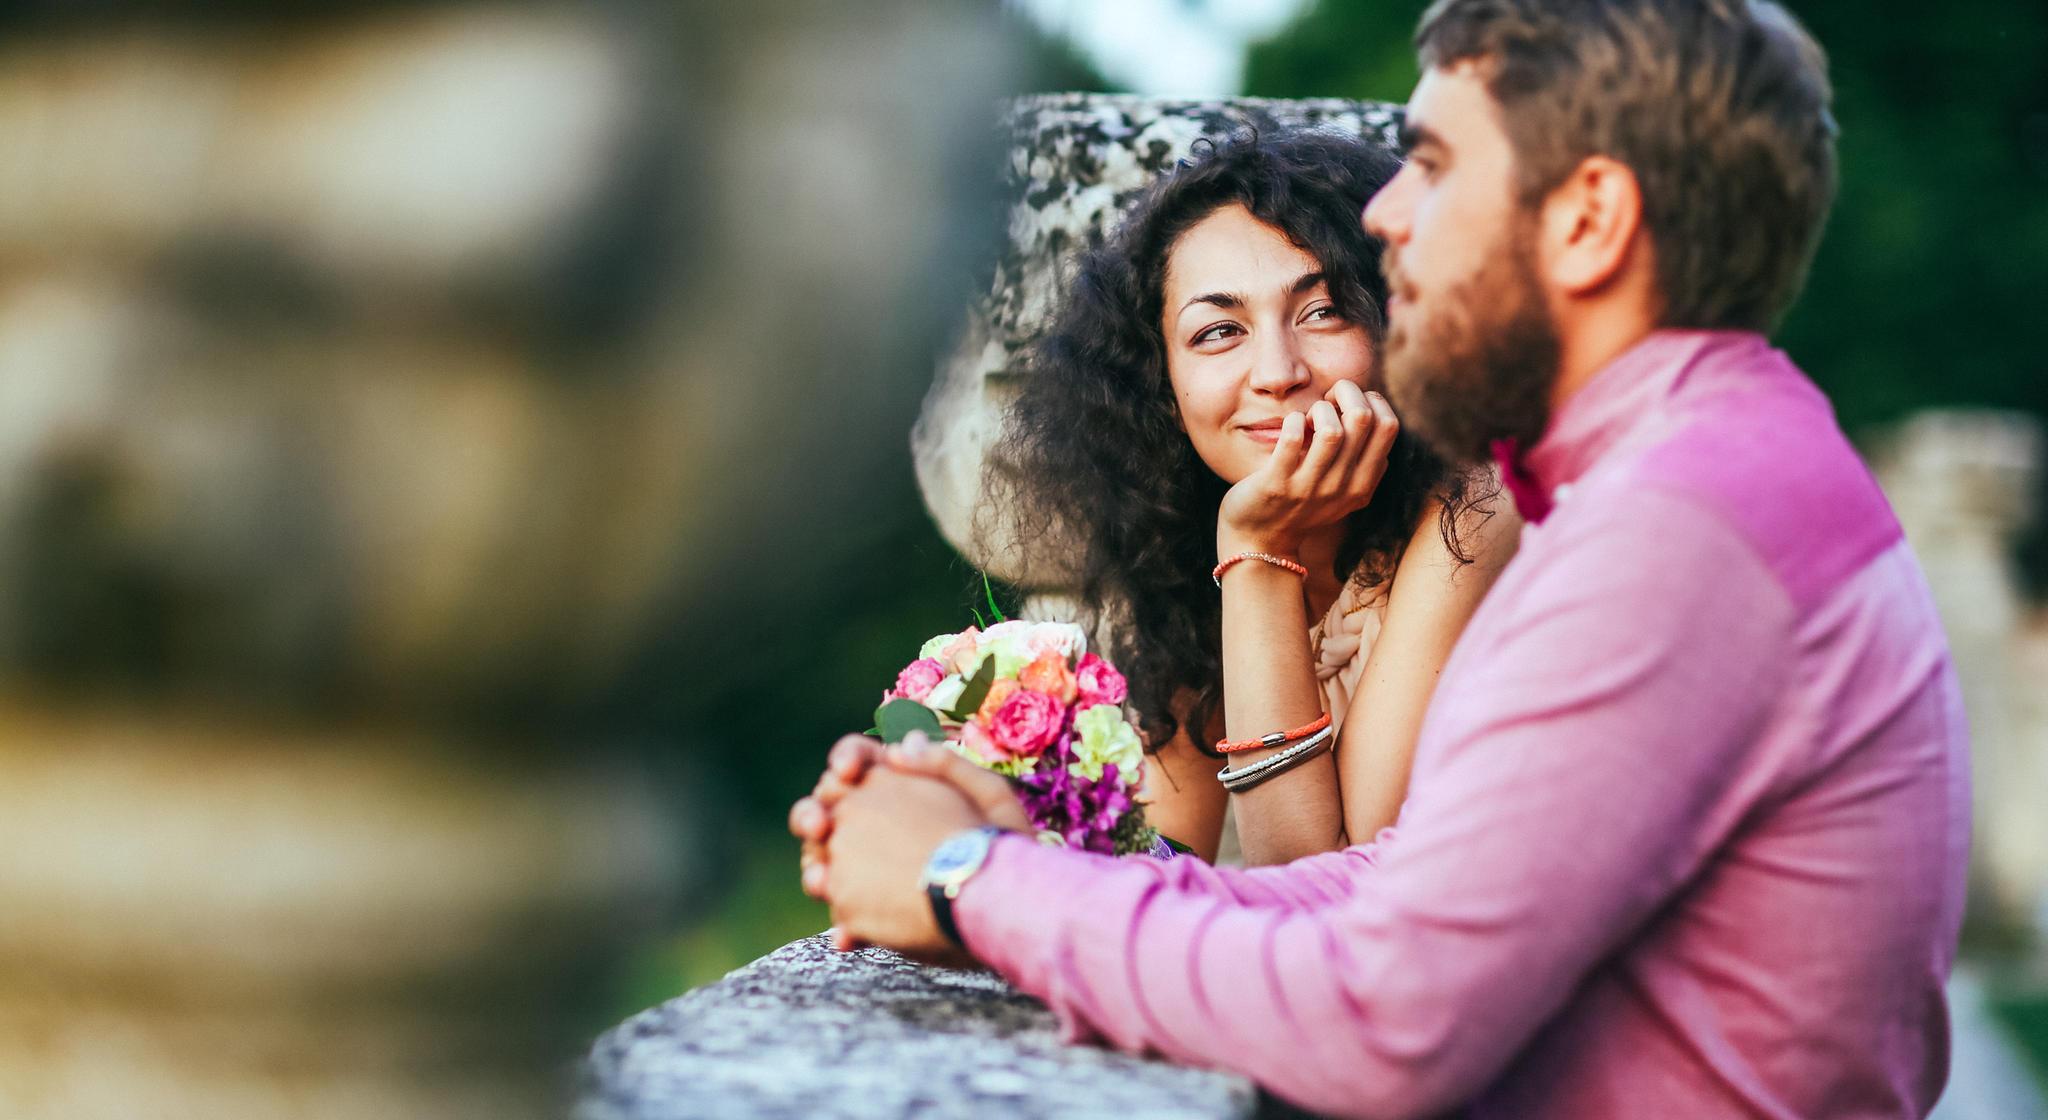 Wie verliebt er sich in mich? 5 einfache Tipps | BRIGITTE.de